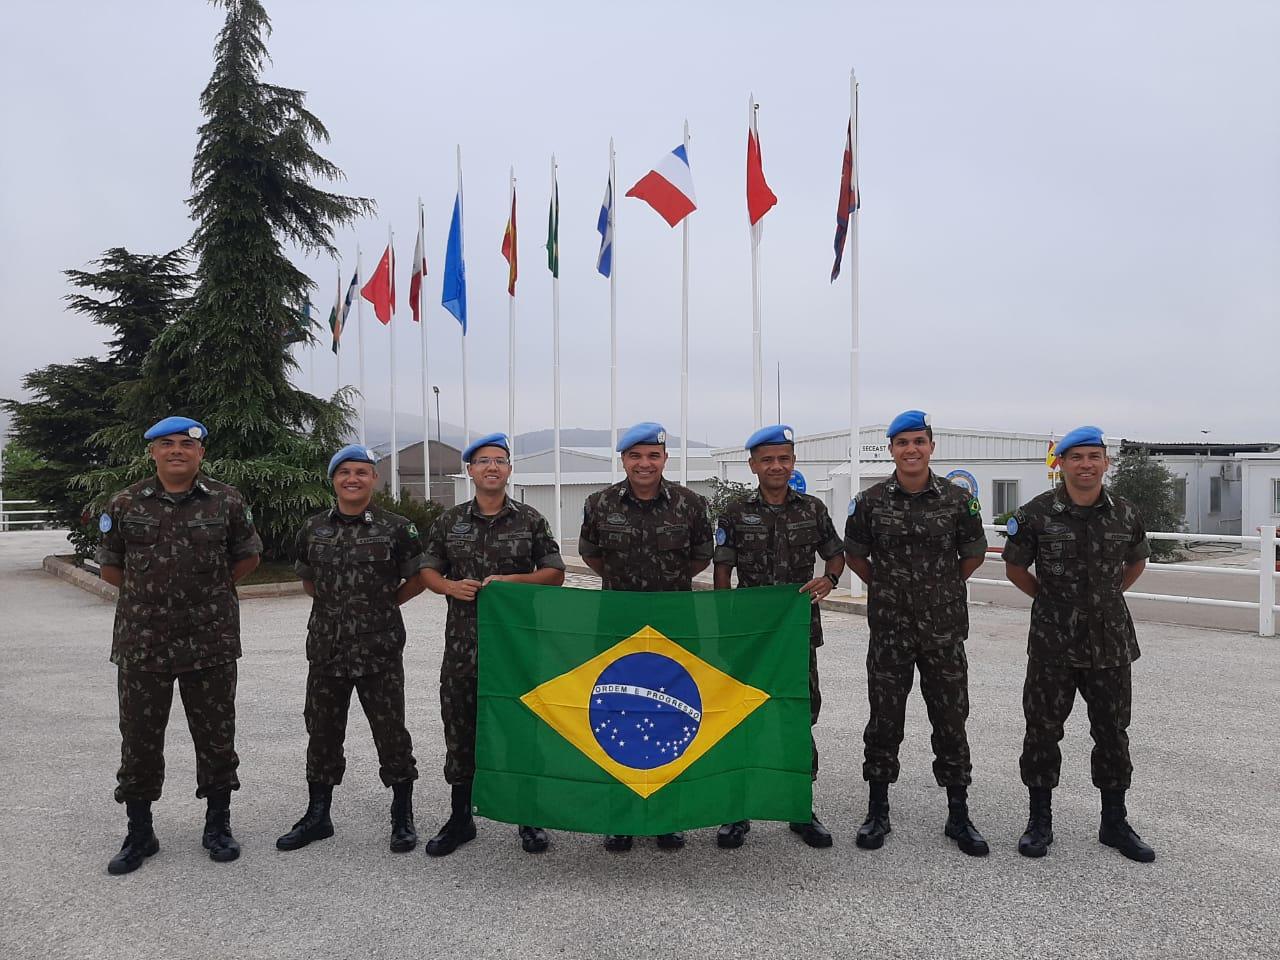 Rotação de contingentes do Exército Brasileiro na Força Interina das Nações Unidas no Líbano